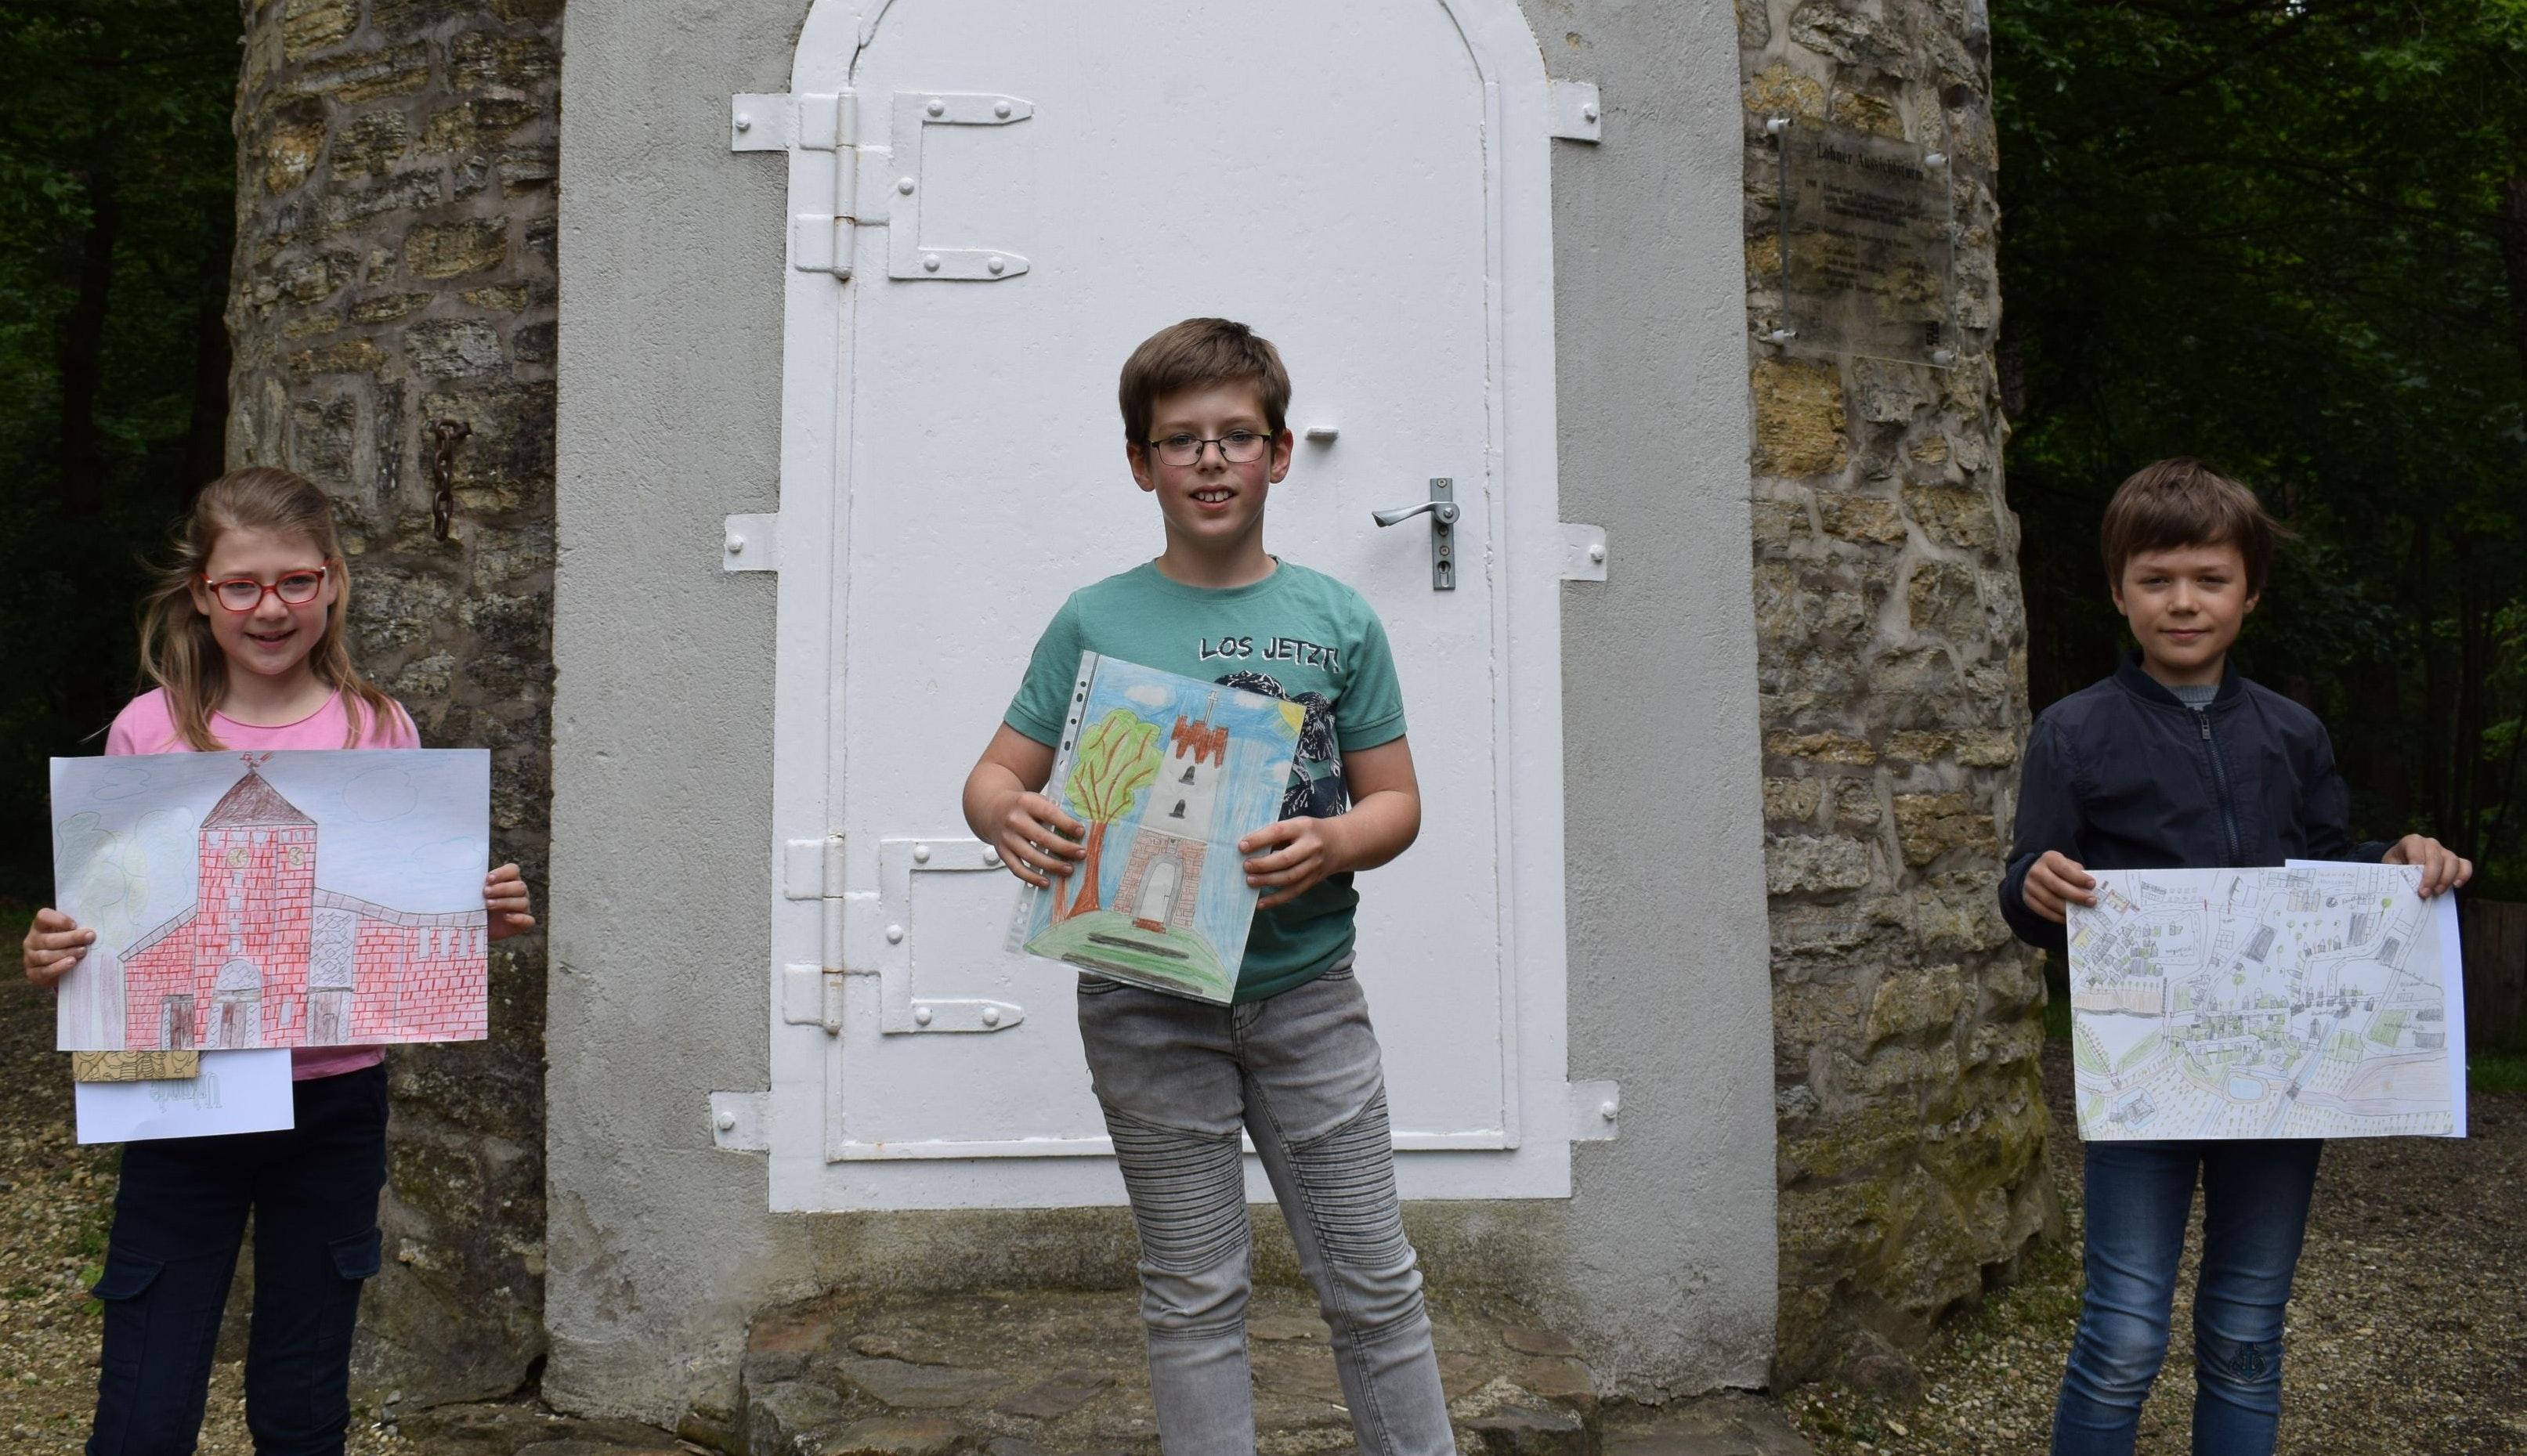 Der Heimatverein Lohne hat die Sieger seines Malwettbewerbs für Kinder und Jugendliche gekürt. Foto: Meyer